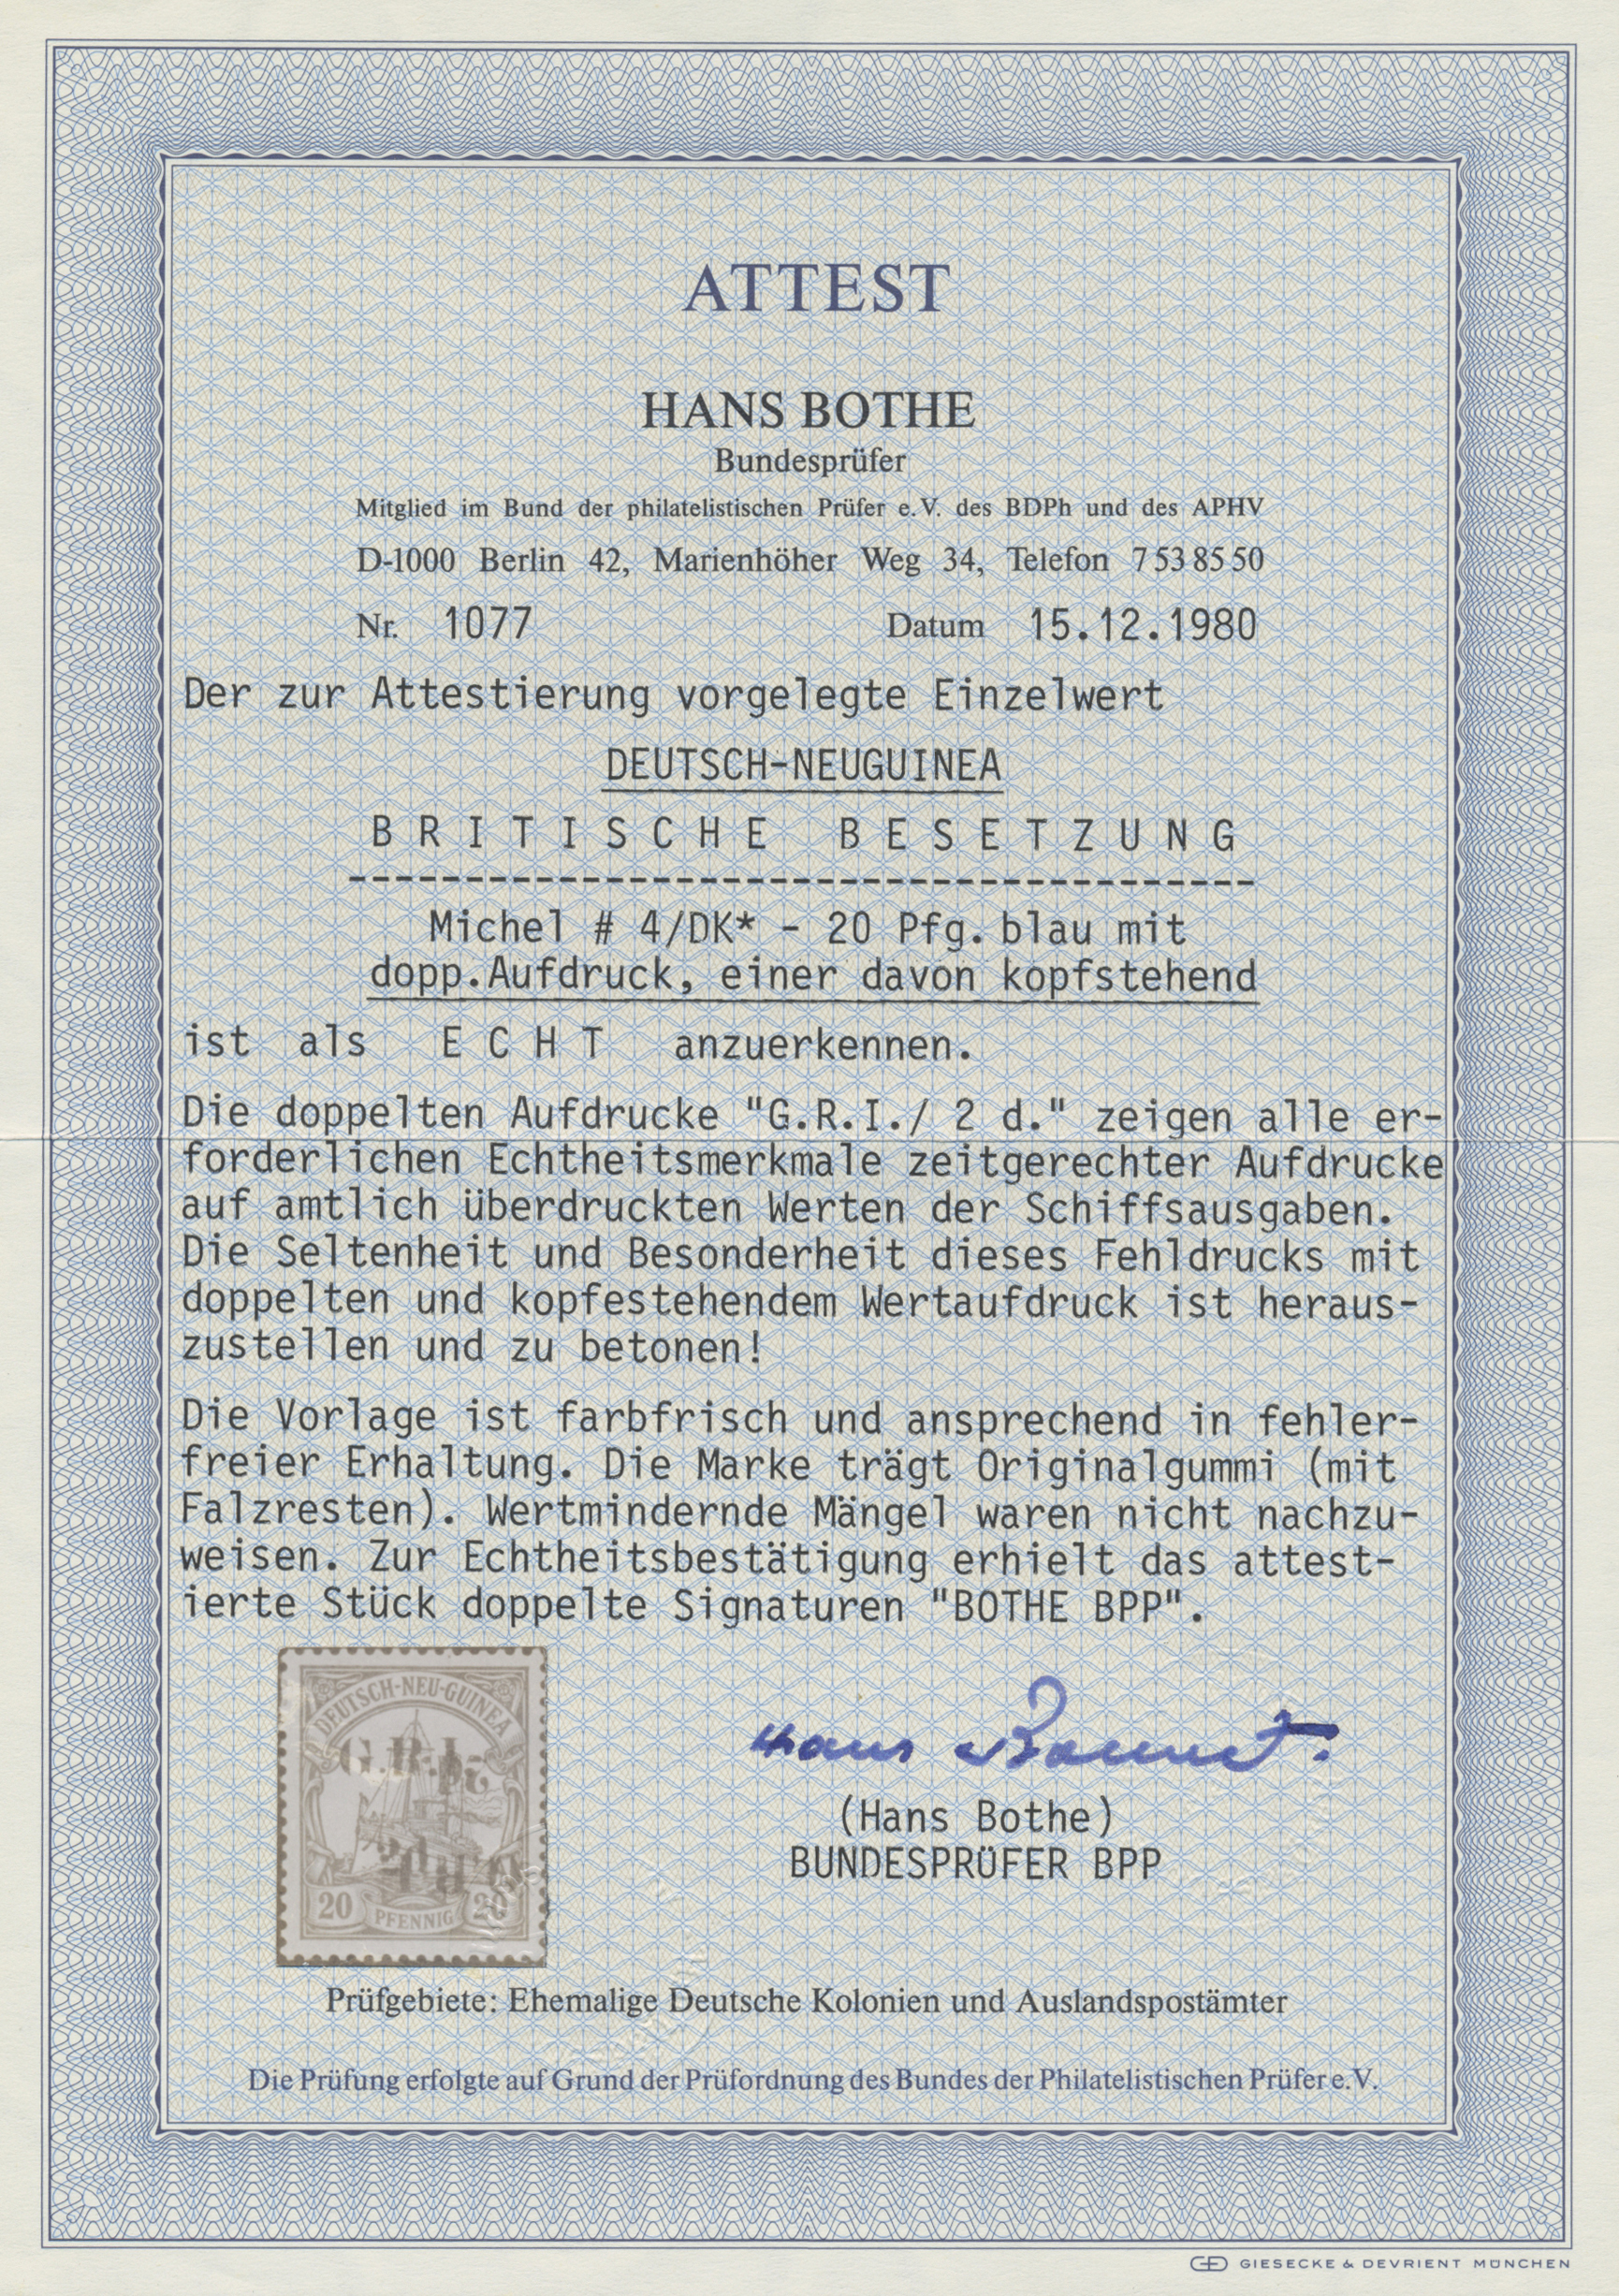 Lot 00004 - Deutsch-Neuguinea - Britische Besetzung  -  Auktionshaus Christoph Gärtner GmbH & Co. KG Special Auction Collection PETER ZGONC